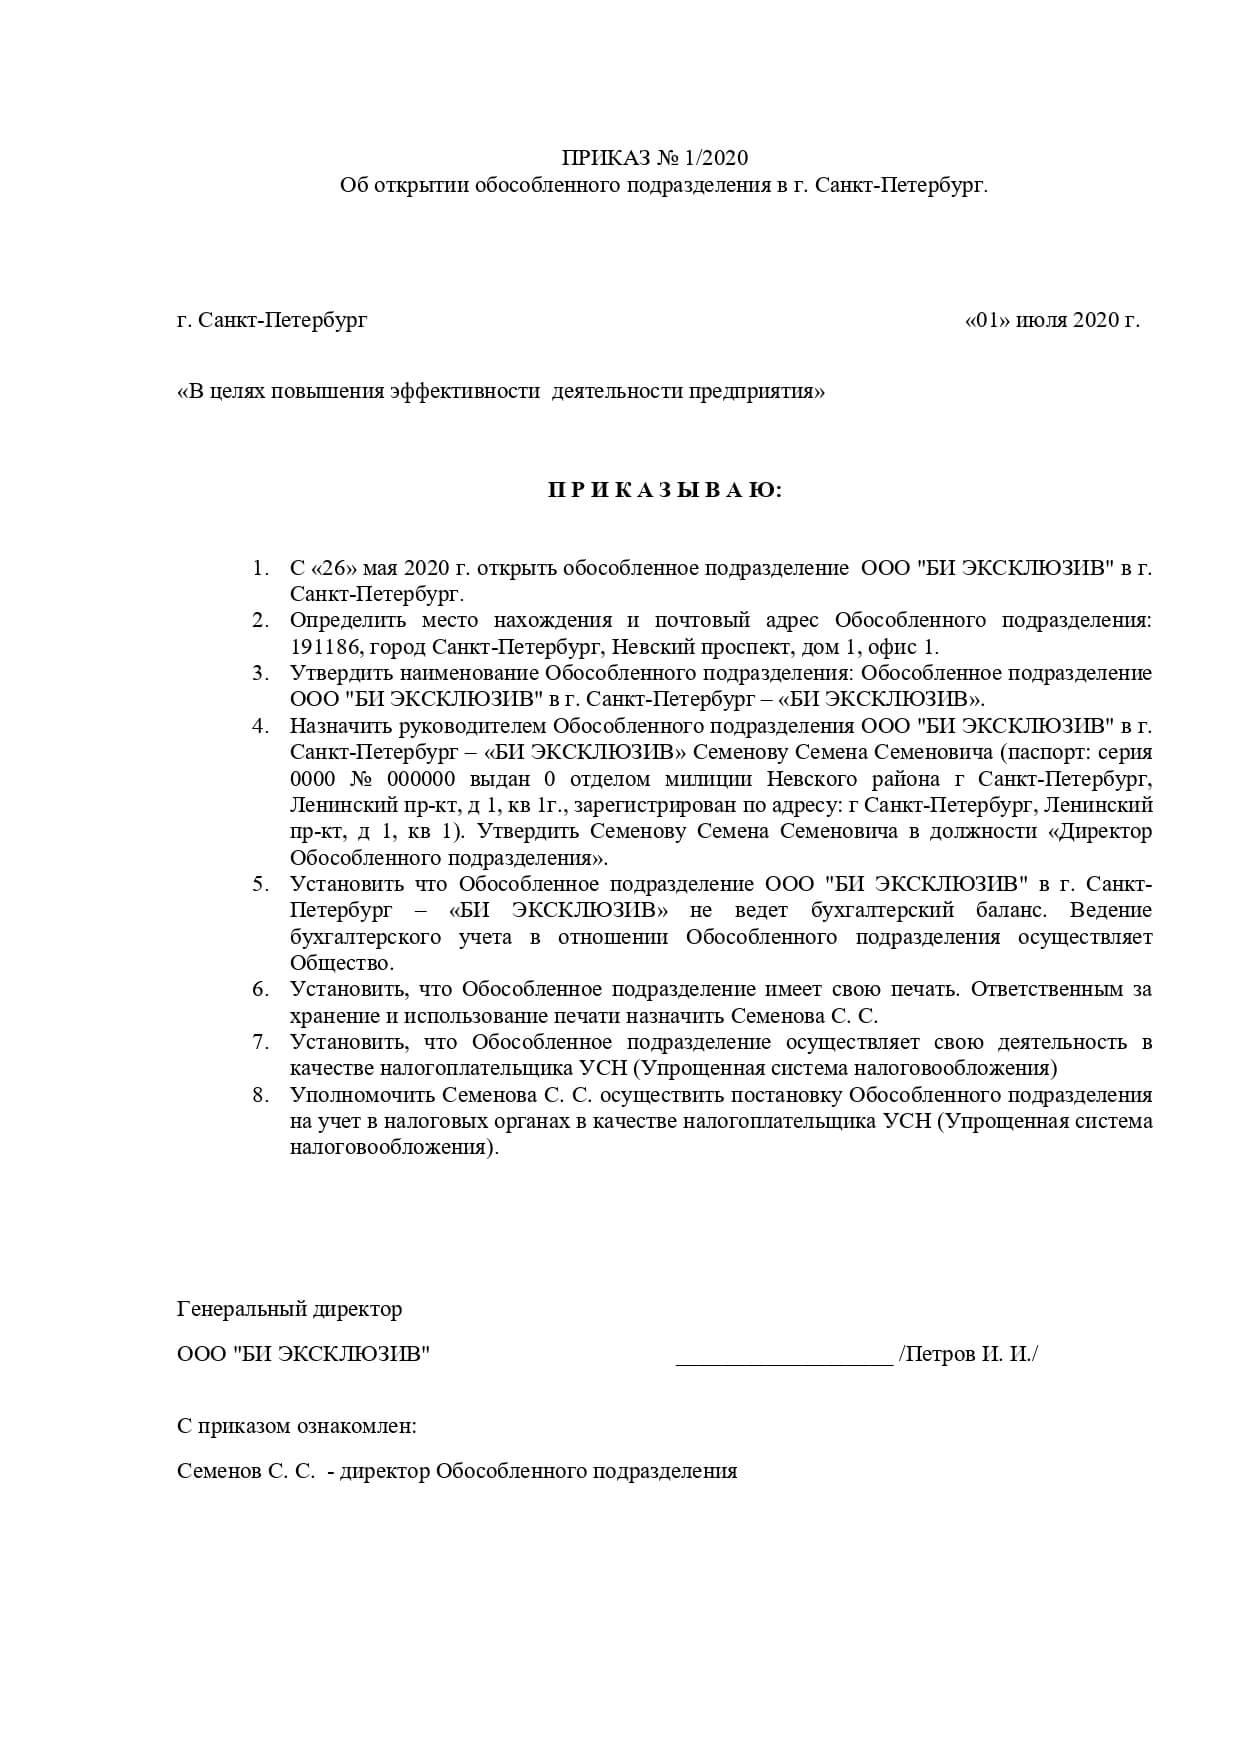 Образец приказа об изменении адреса обособленного подразделения дом бухгалтера в кокшетау